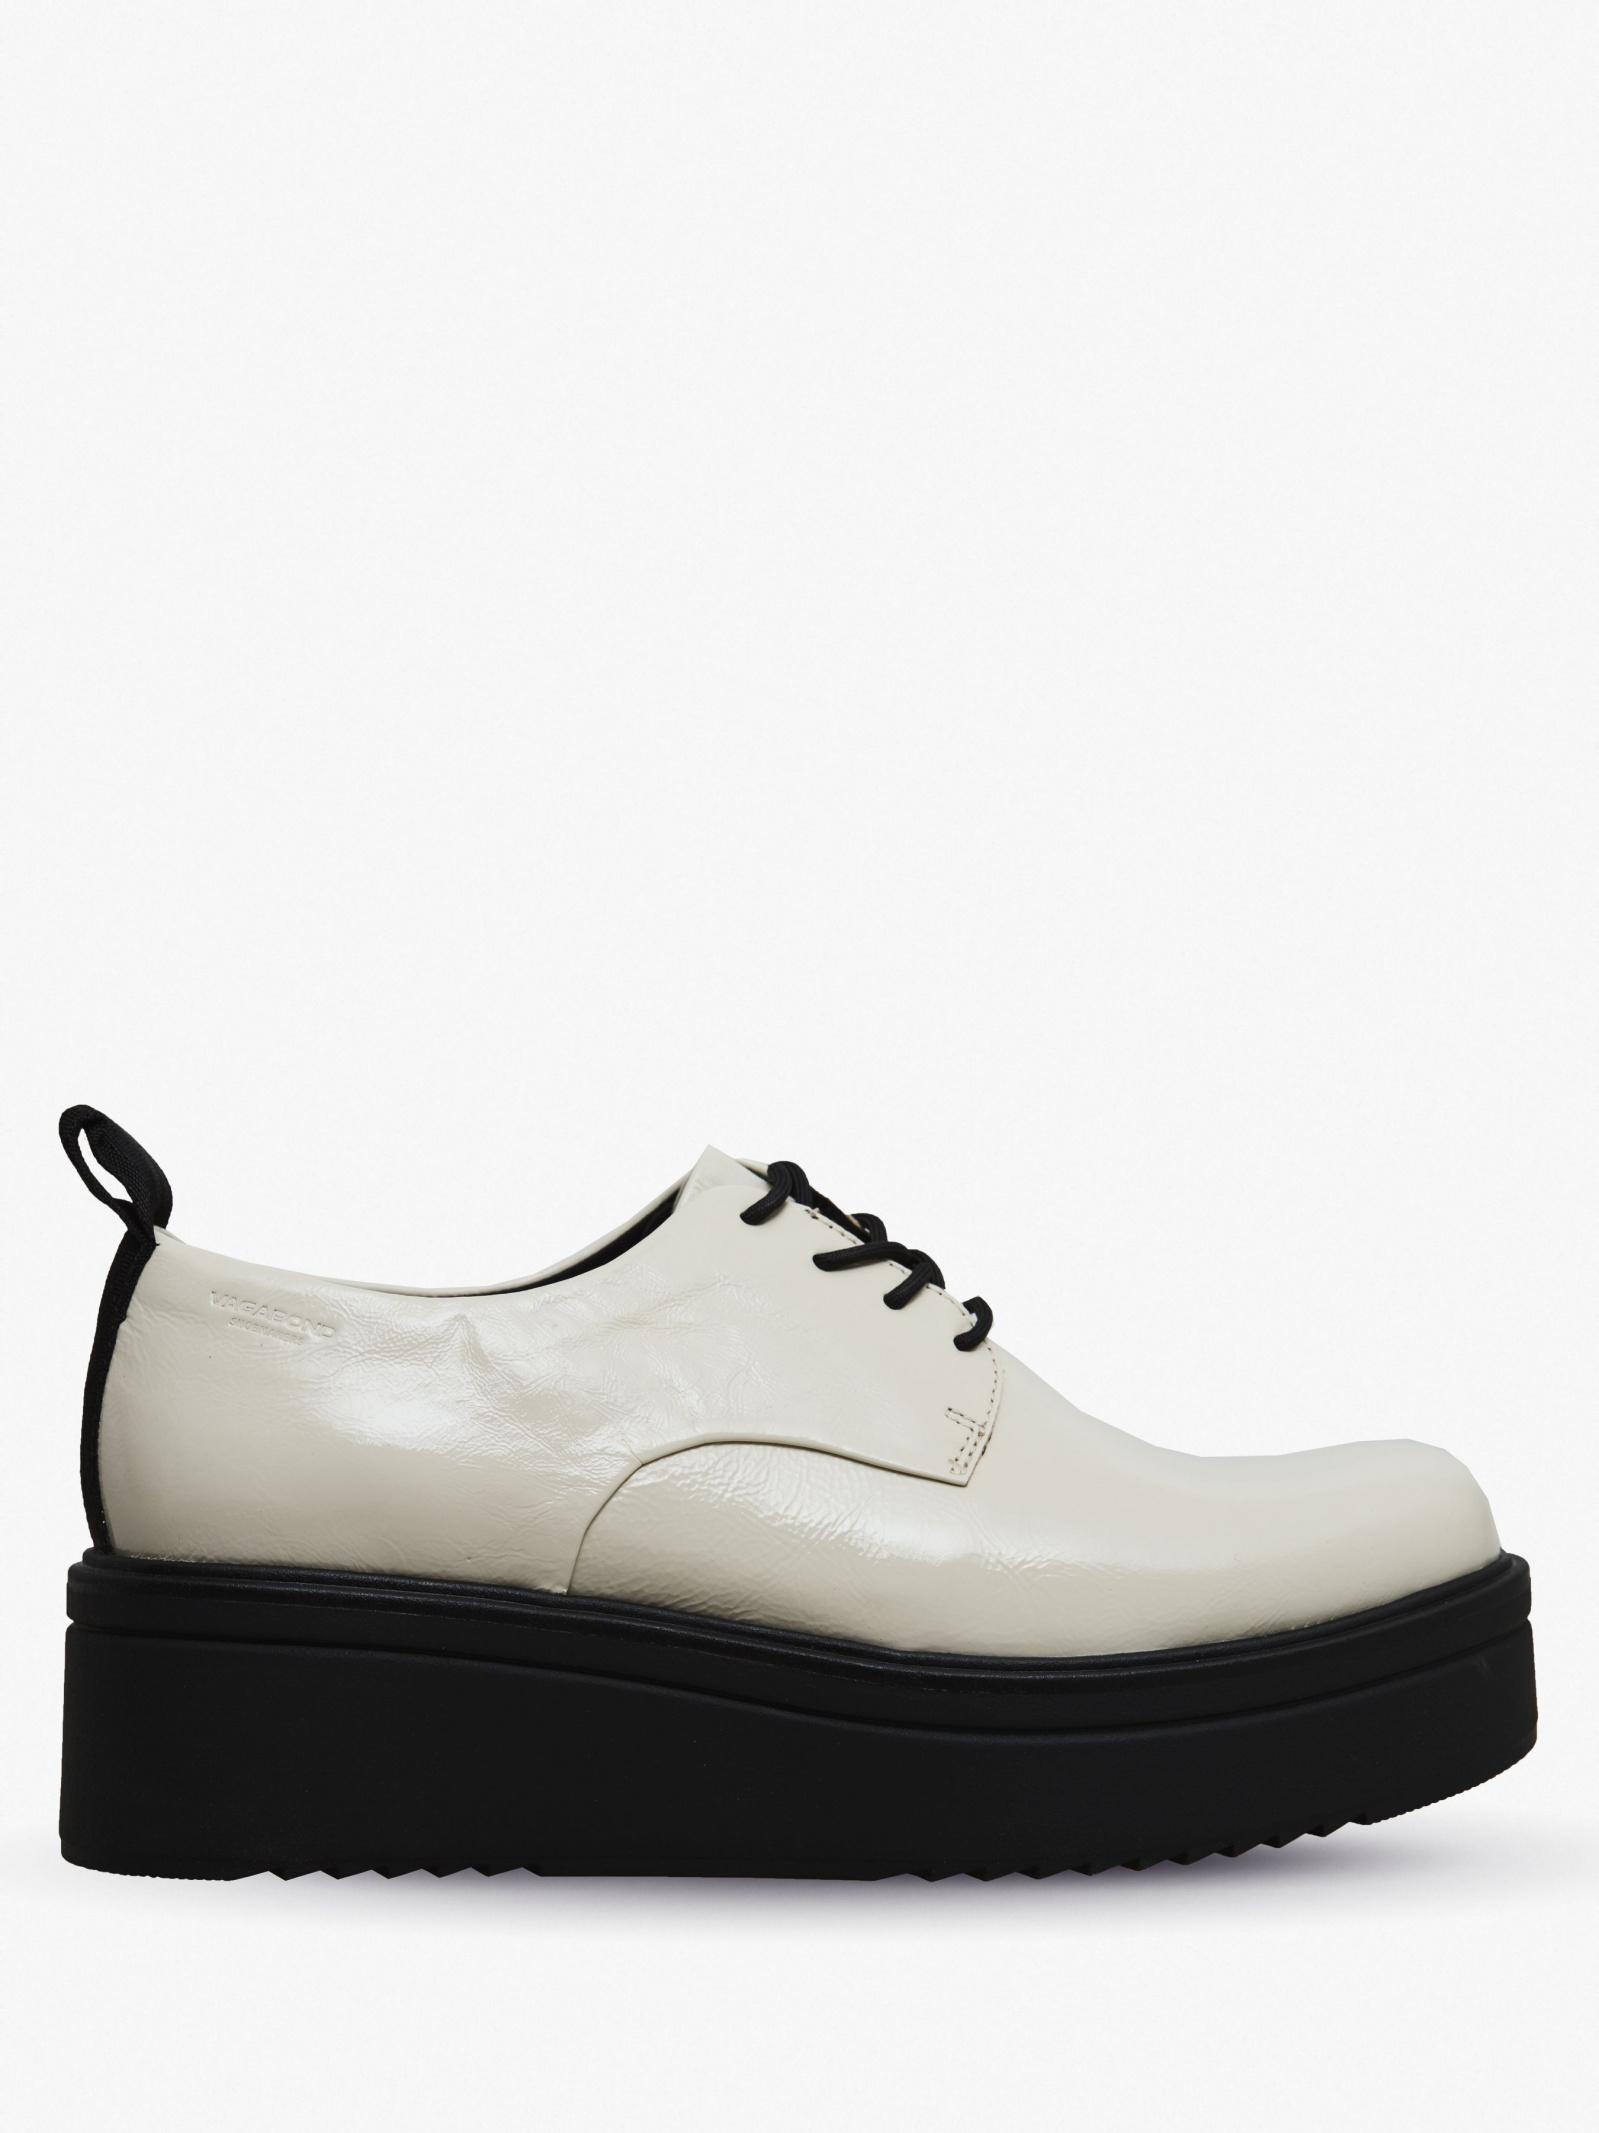 Полуботинки для женщин VAGABOND TARA VW5627 купить обувь, 2017